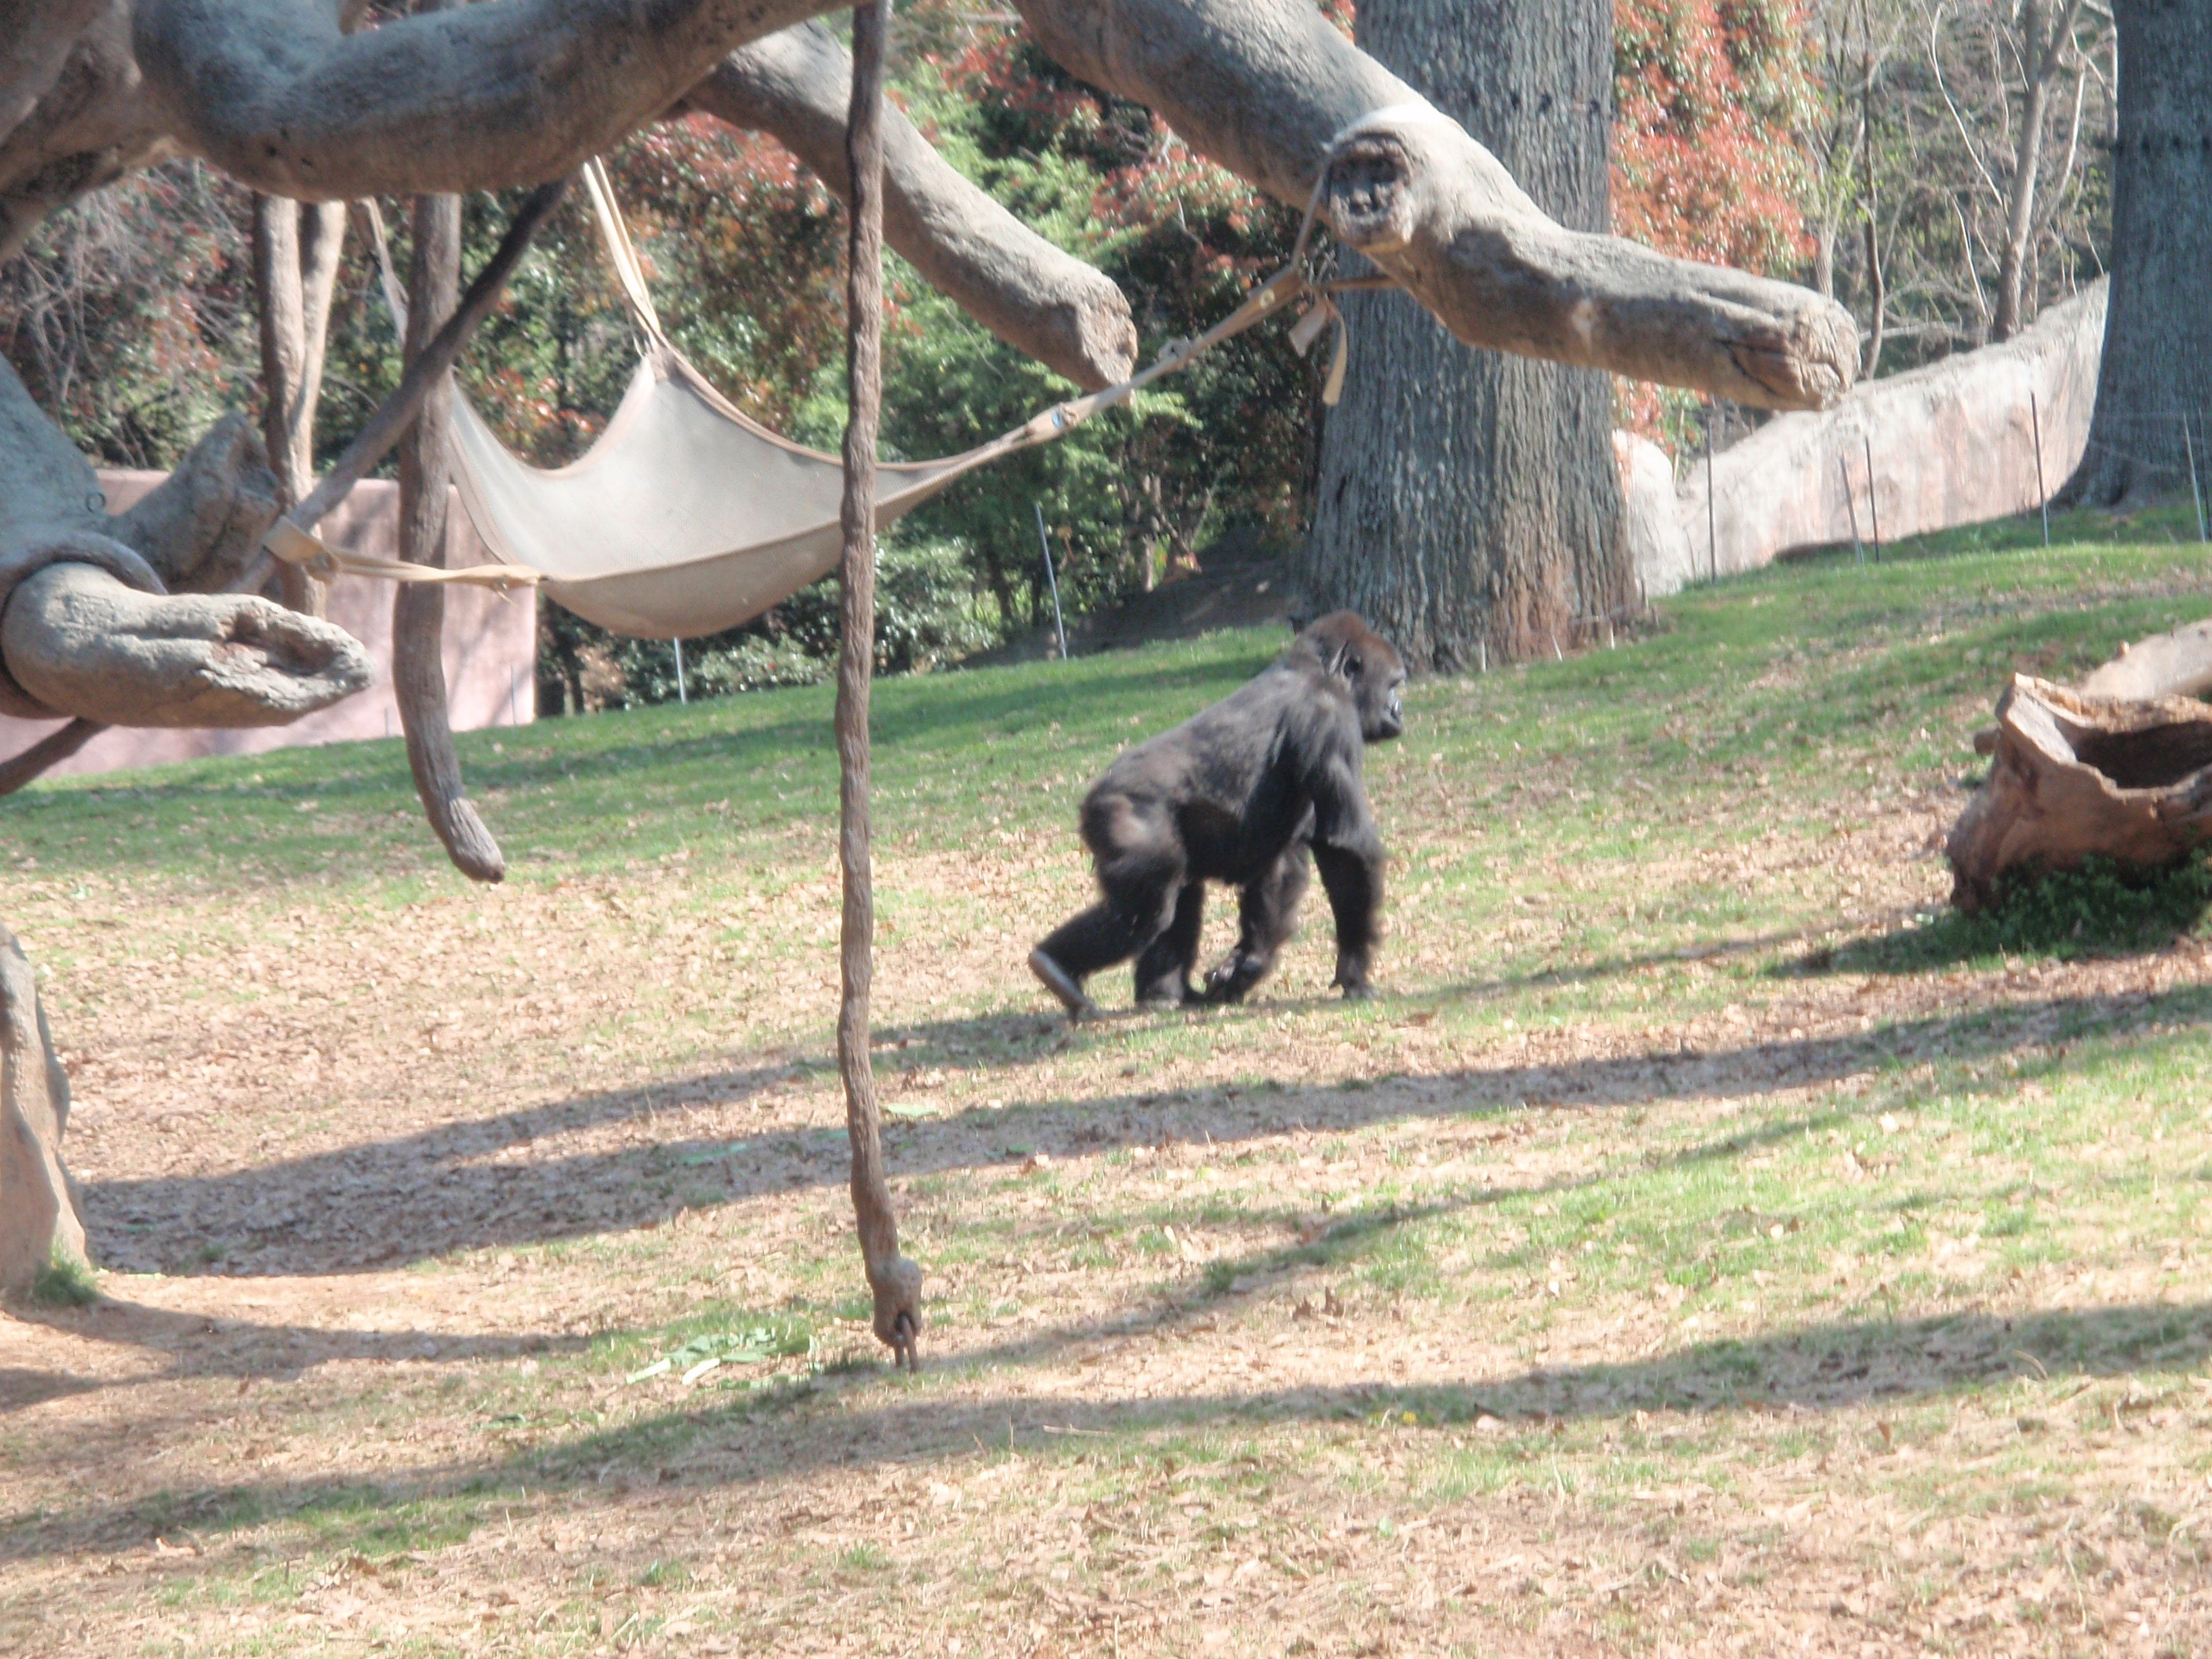 Atlanta Zoo Atlanta Zoo Animals My Travel